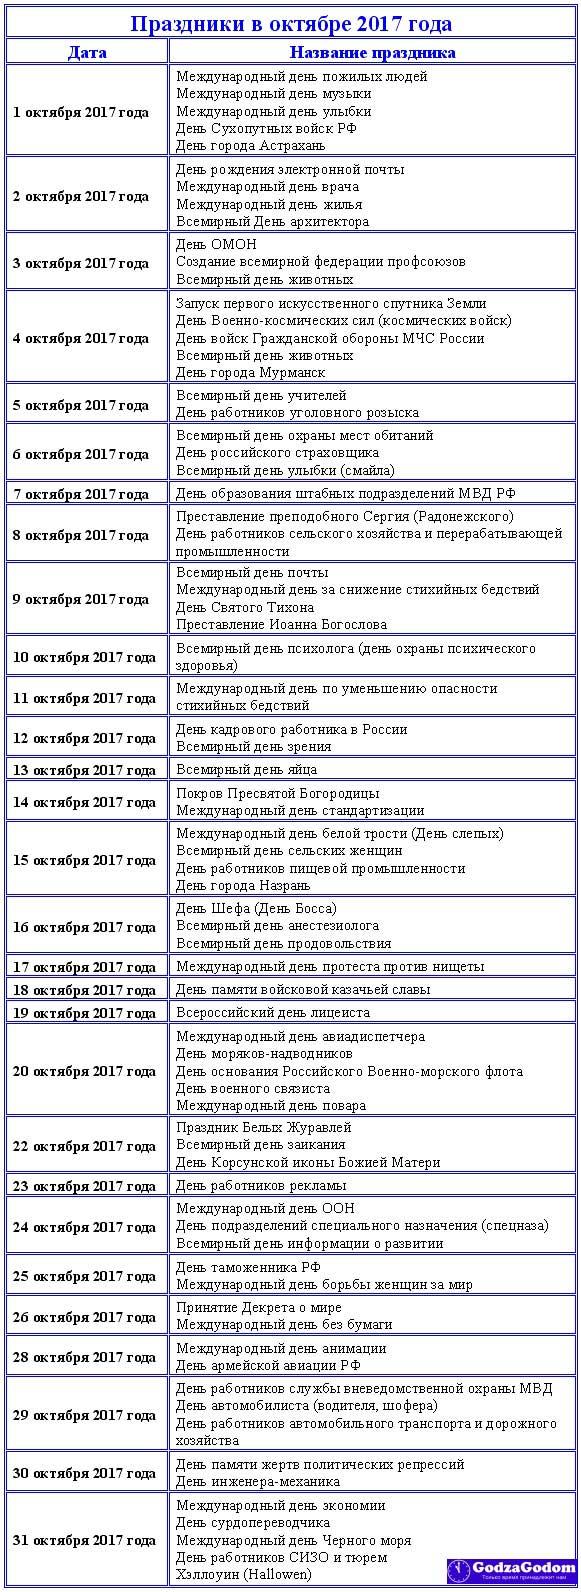 Таблица - календарь с праздниками на октябрь 2017 года